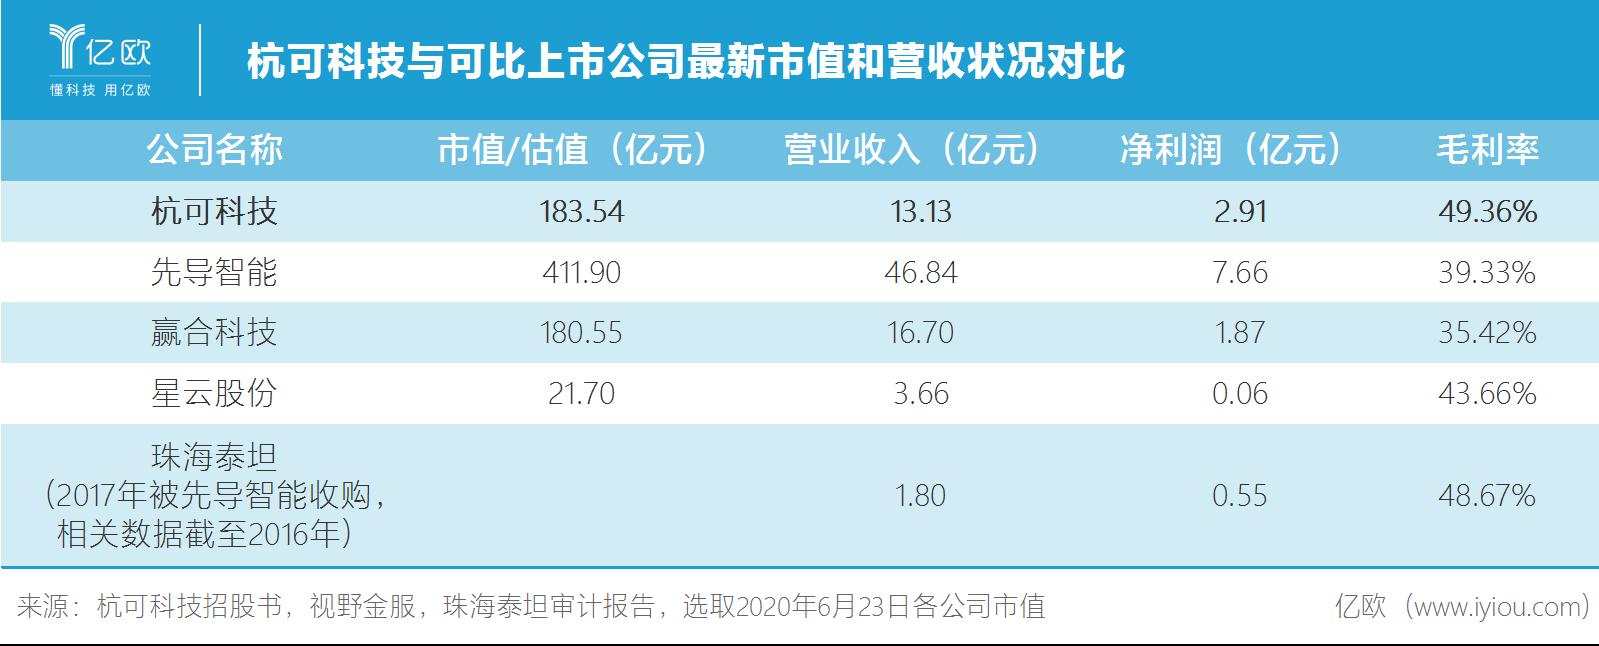 杭可科技與可比上市公司最新市值和營收狀況對比.png